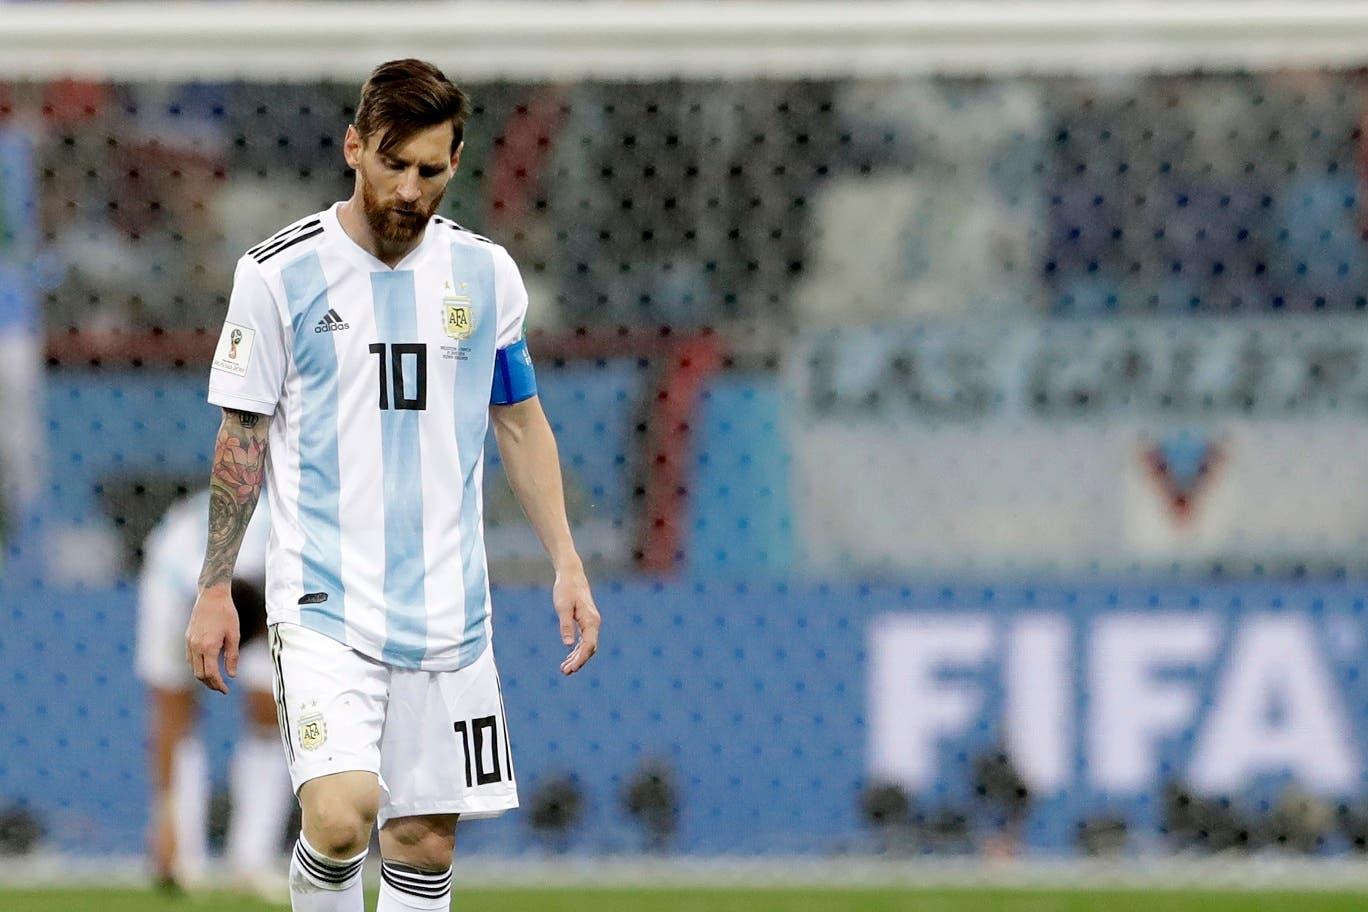 El delantero de Argentina Lionel Messi al final del partido que su equipo perdió 3-0 ante Croacia por el Grupo D del Mundial en Nizhny Nóvgorod, Rusia, el jueves 21 de junio de 2018. (AP Photo/Petr David Josek)